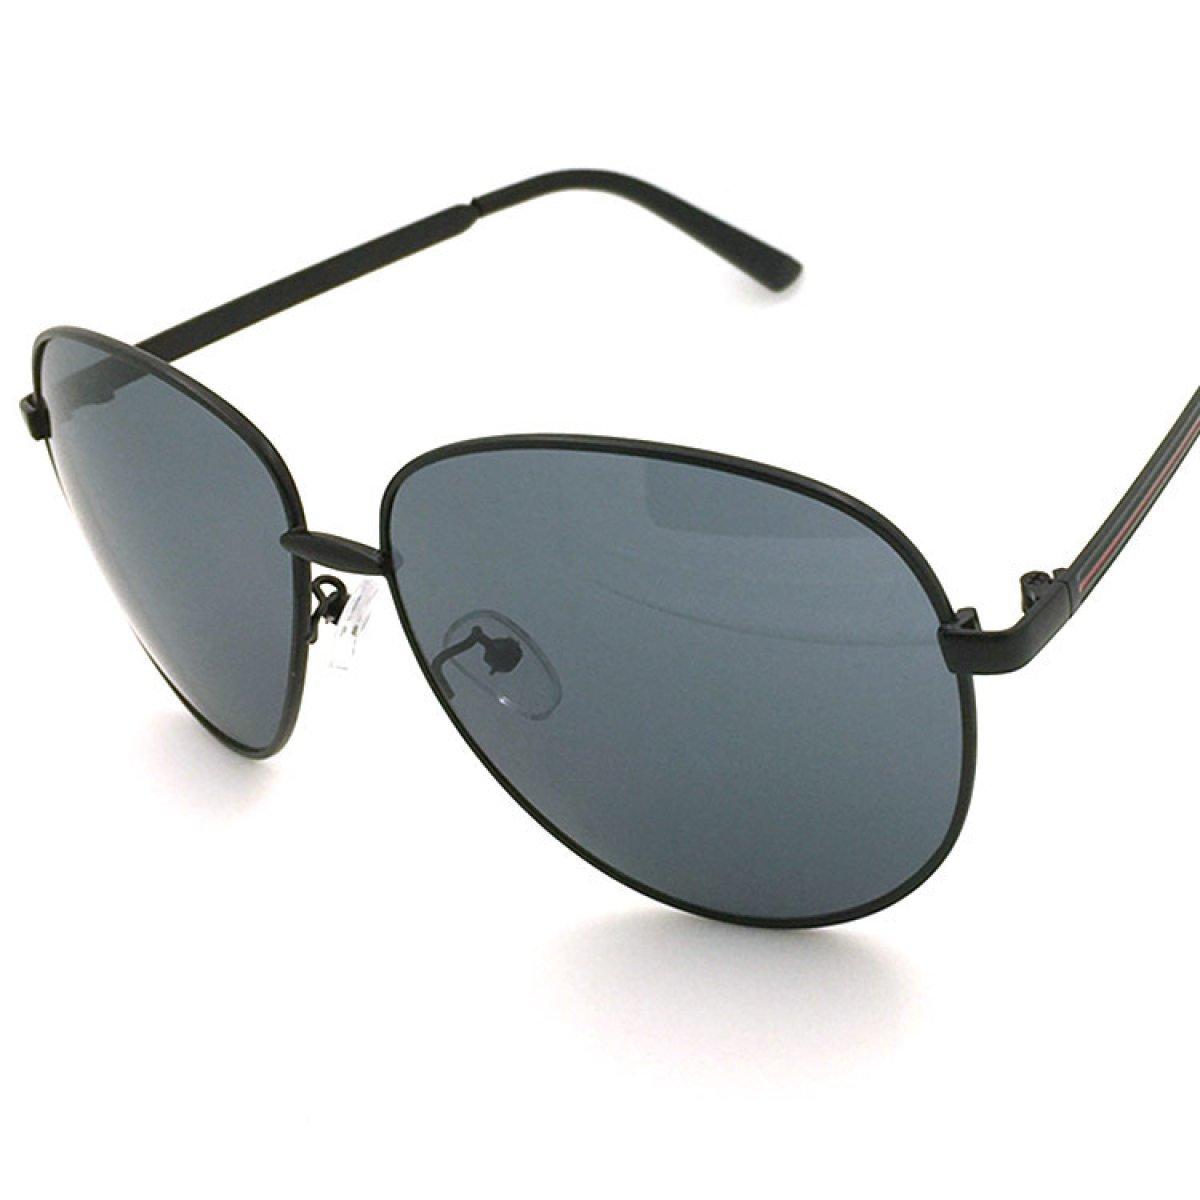 Wkaijc Retro Große Kiste Sonnenbrillen Bunt Klassisch Stilvoll Persönlich Lässig Bequem Jurte Sonnenbrillen ,E